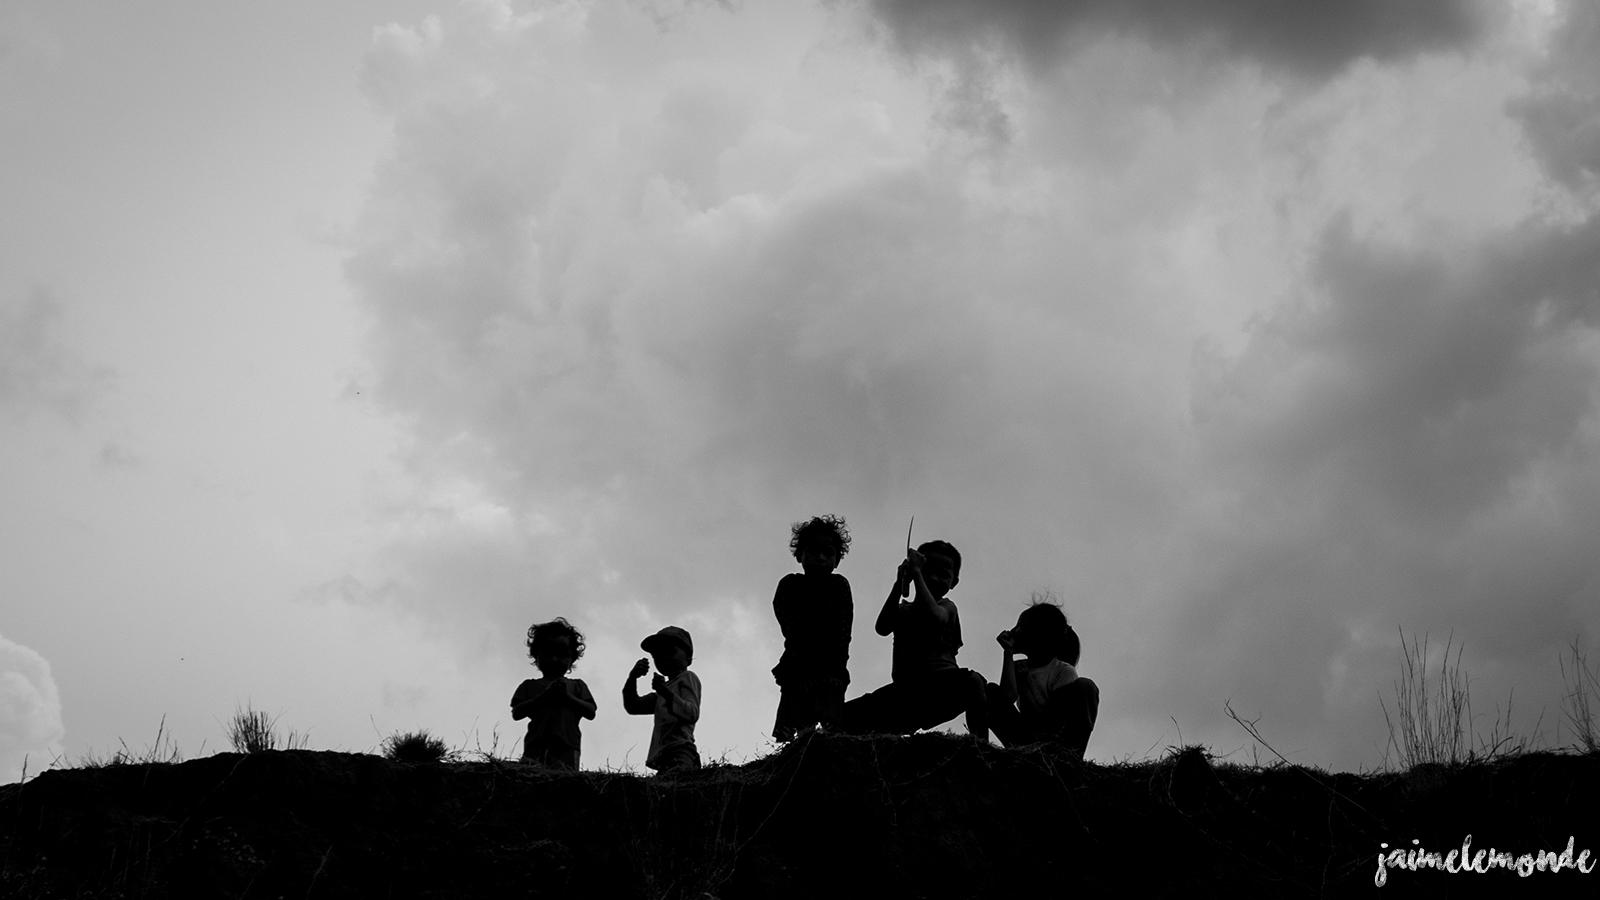 madagascar-nb-2016-jaimelemonde-4